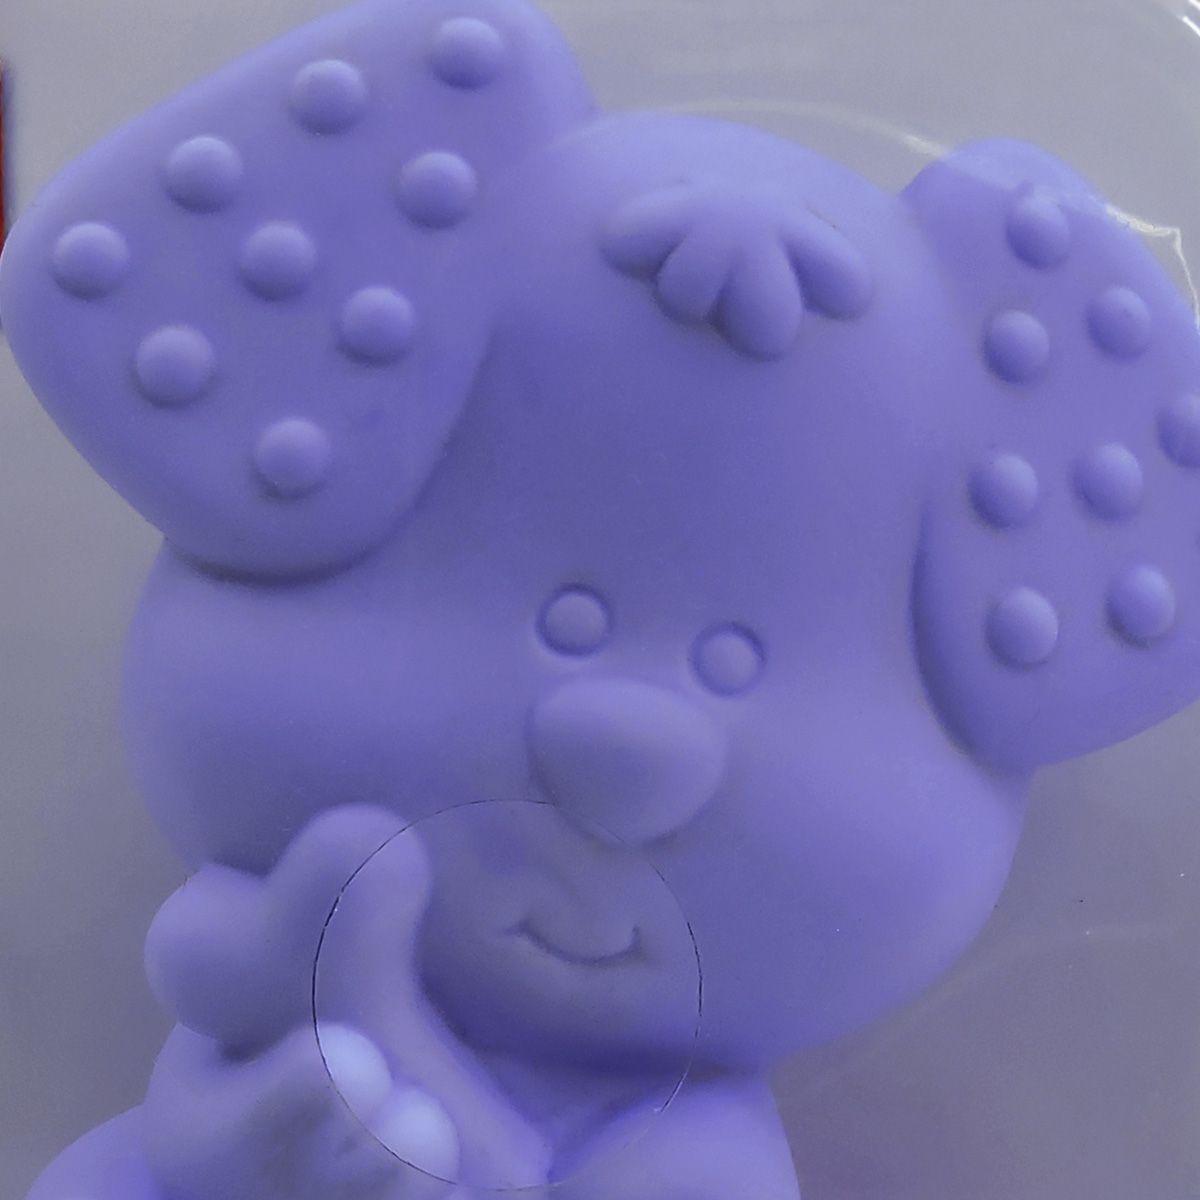 Mordedor Cachorrinho Lilás Macio Anatômico e Higiênico Toyster